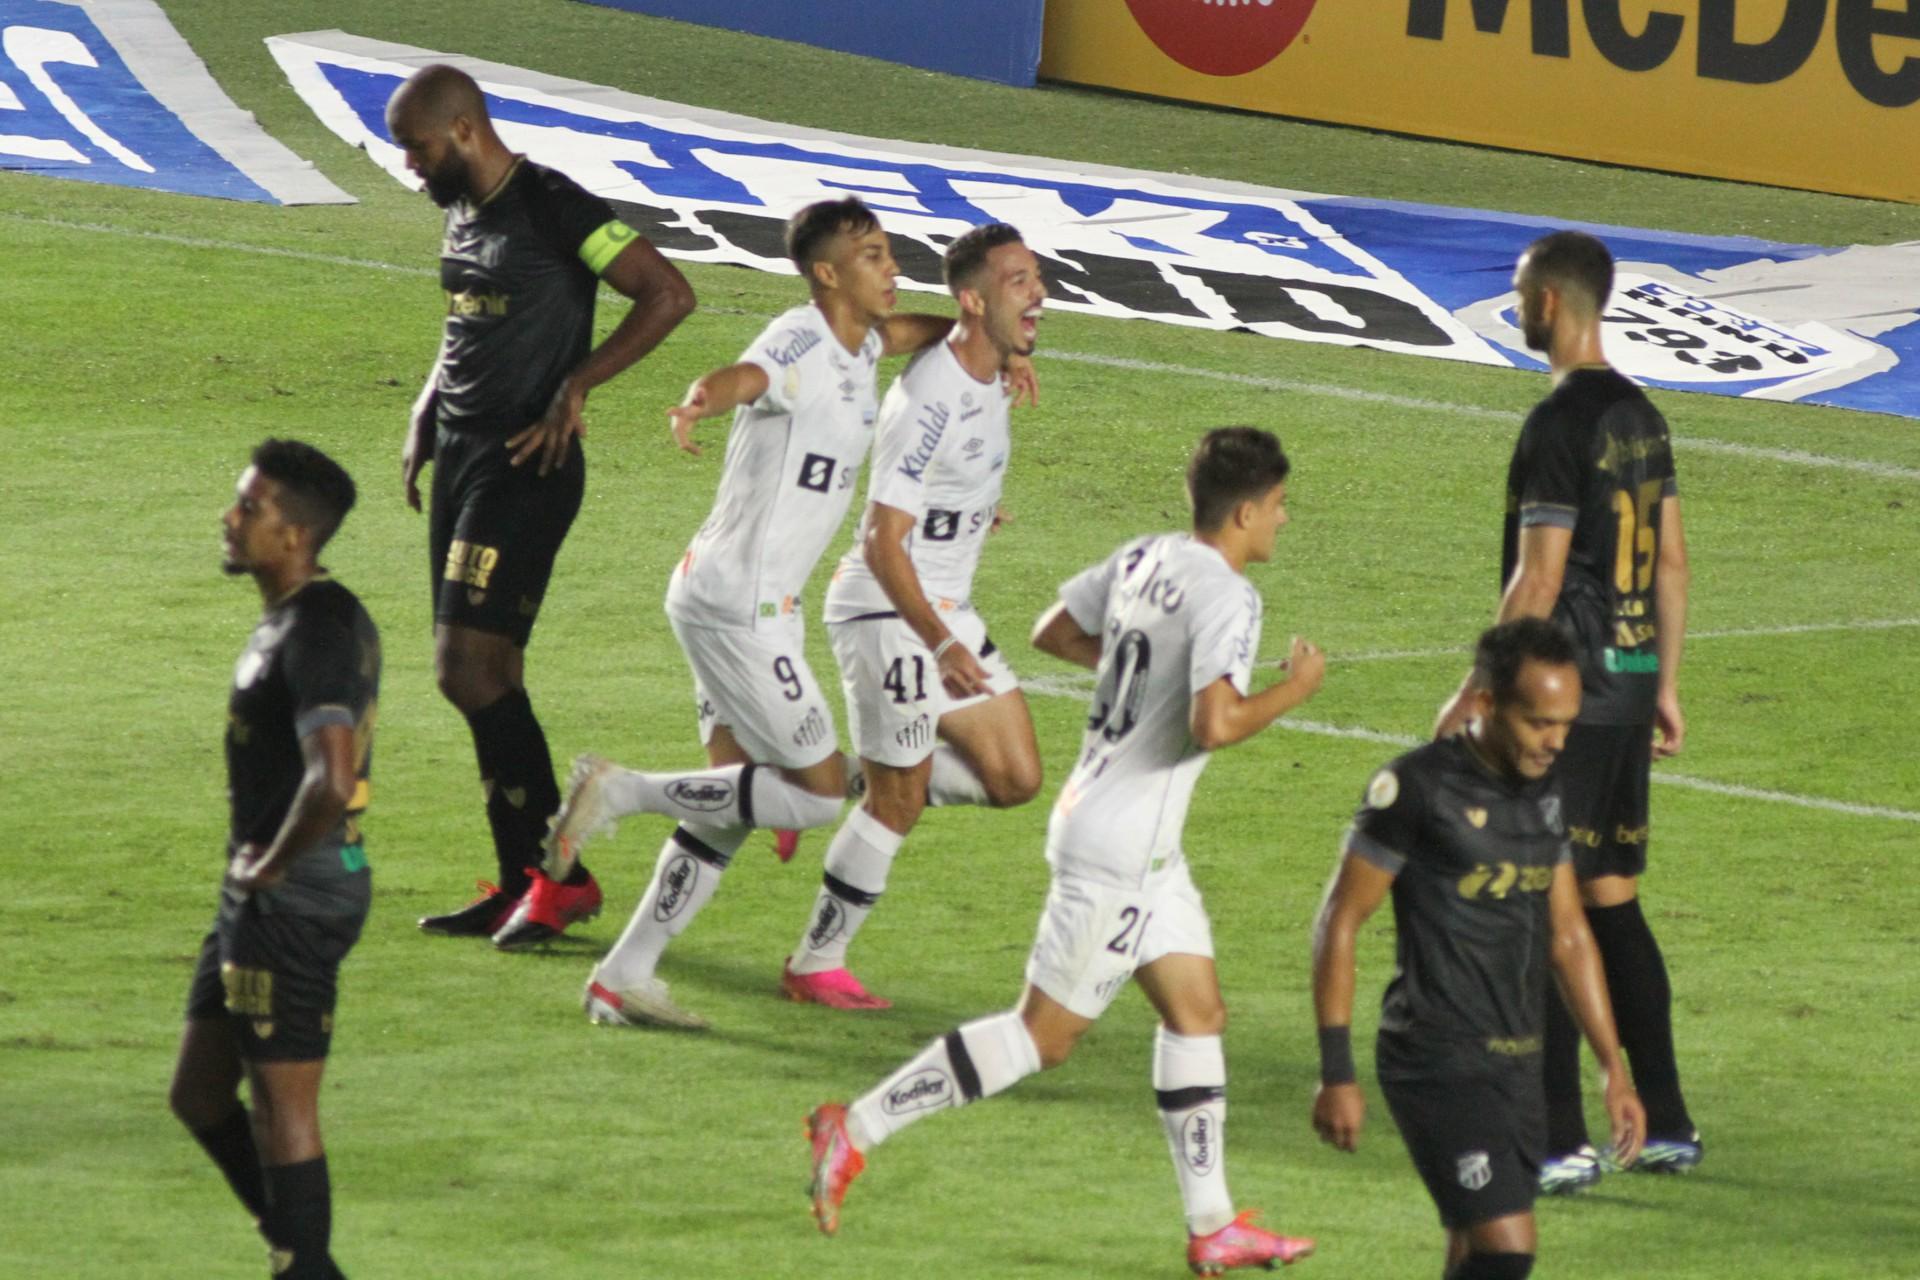 Jean Mota, jogador do Santos, comemora seu gol com jogadores do seu time durante partida contra o Ceará na Vila Belmiro.  (Foto: Fernanda Luz/AE)